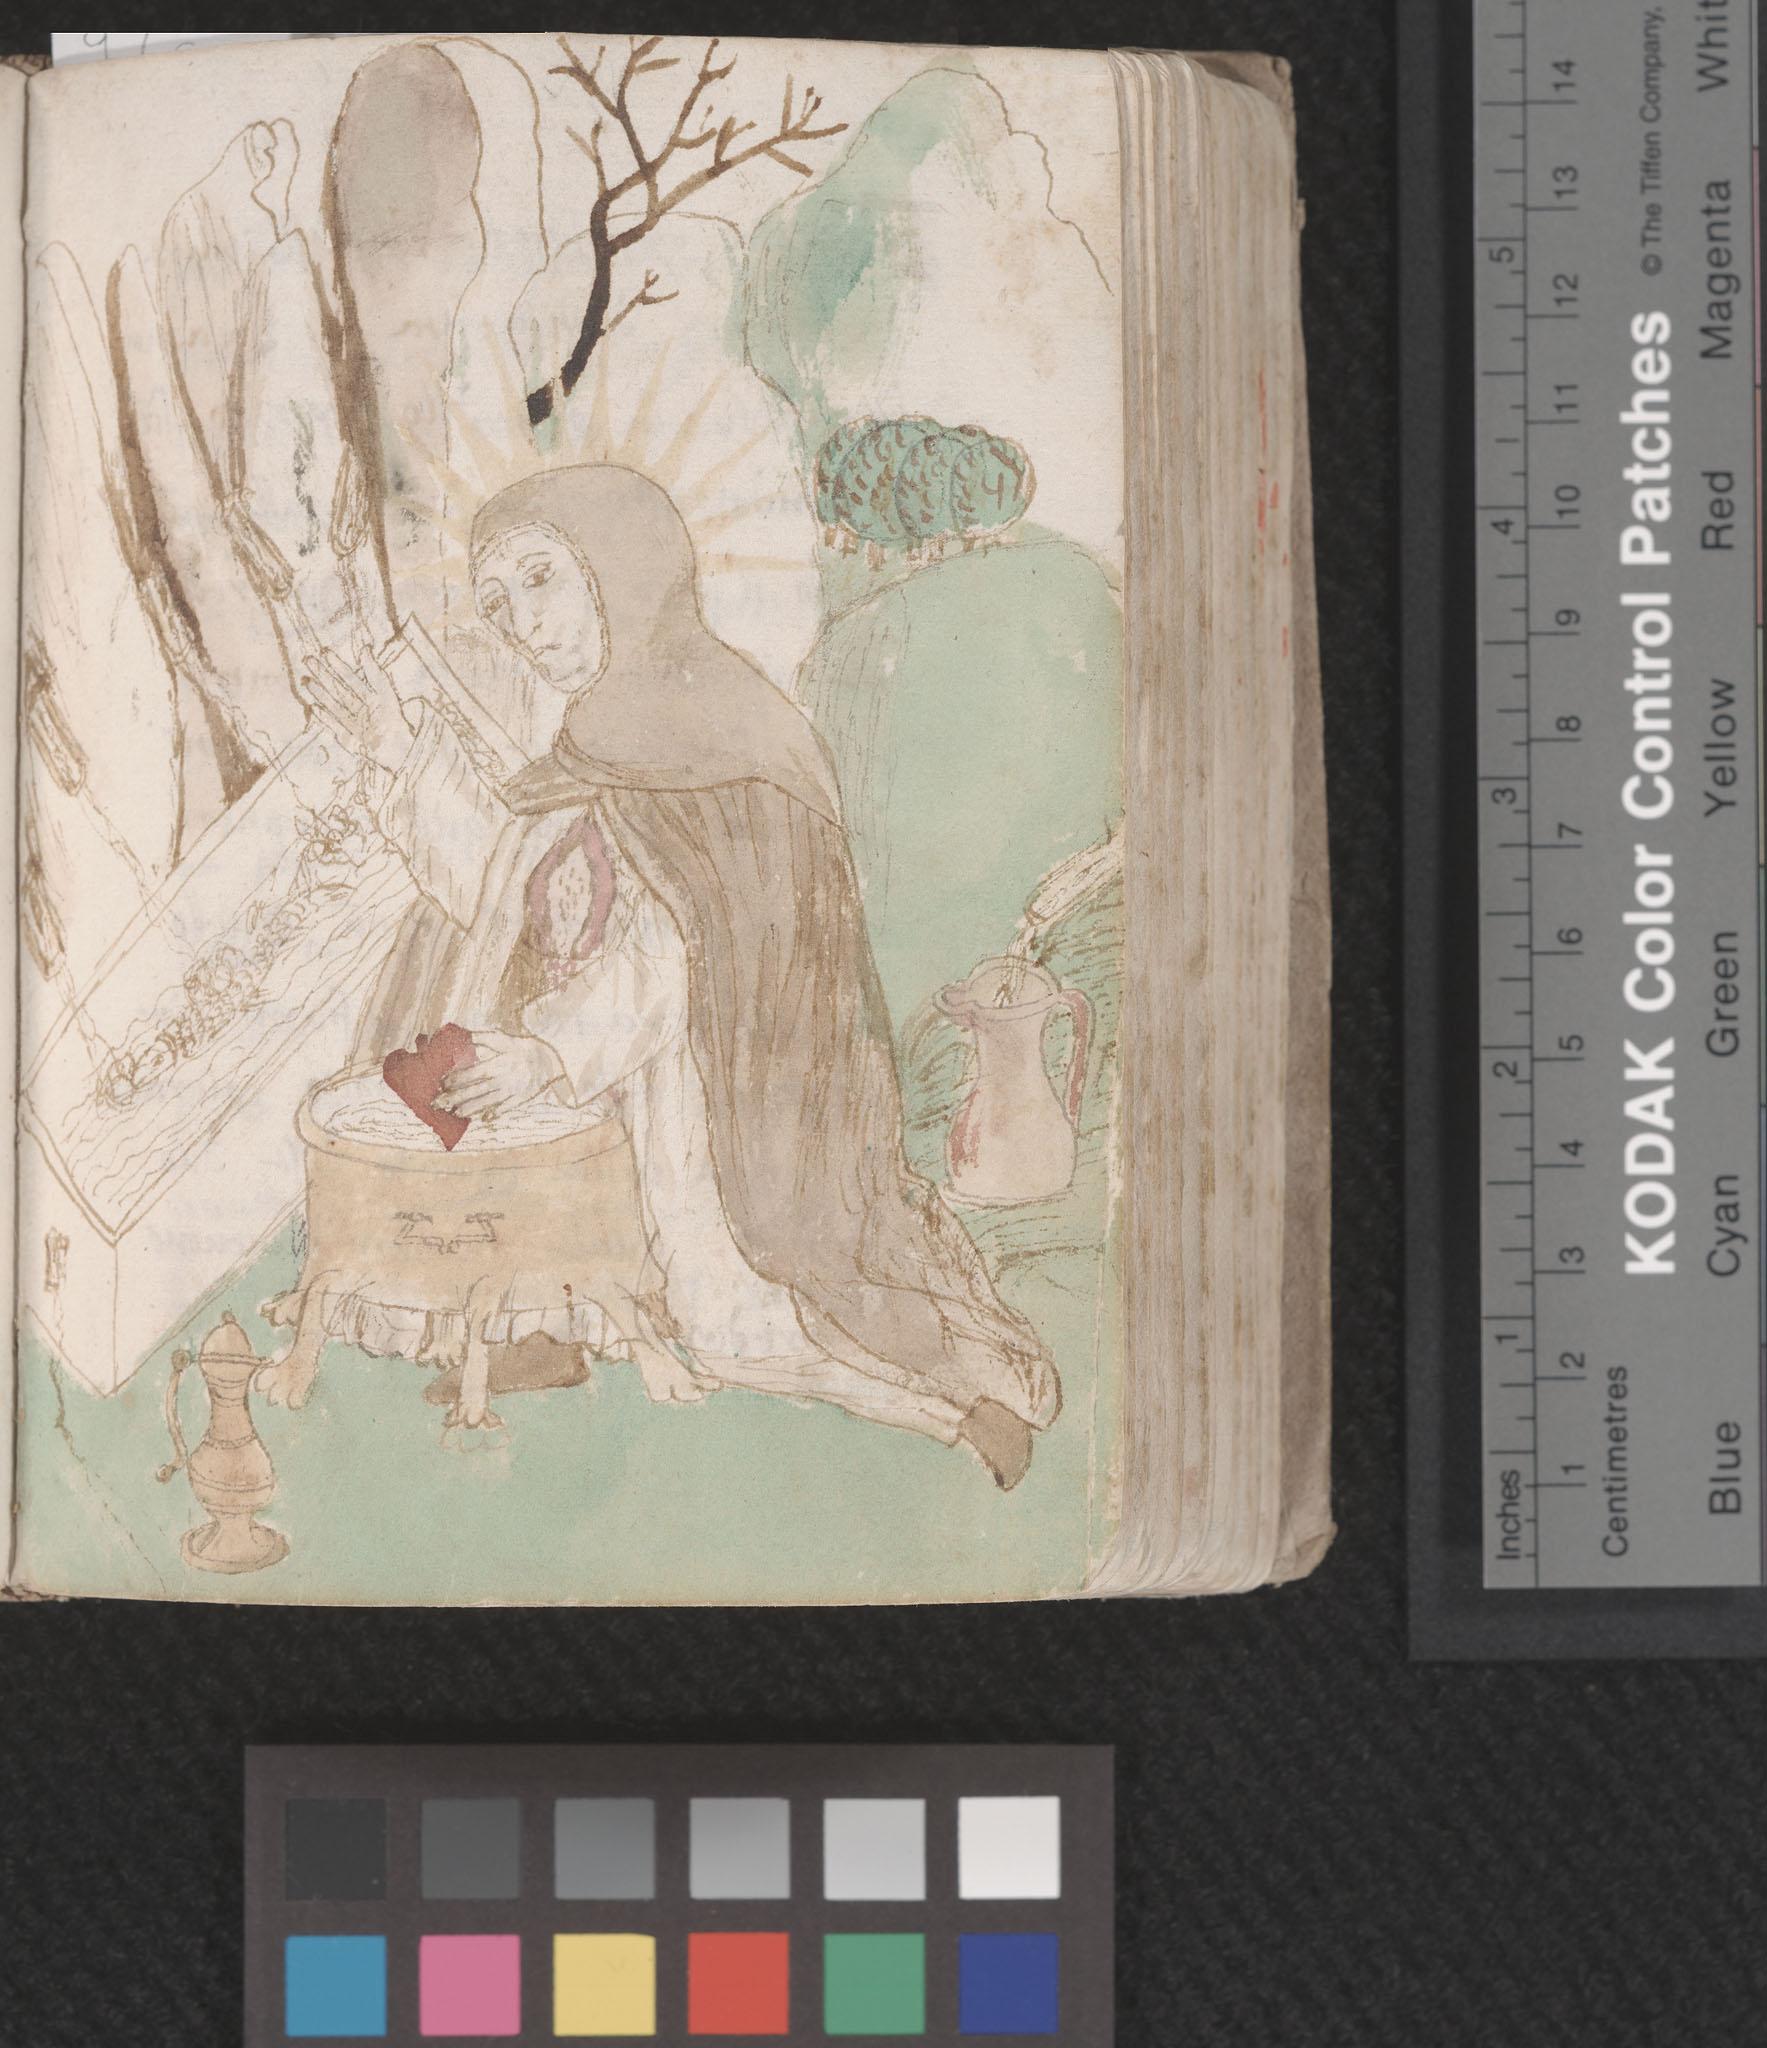 MS A7, Prediche sul nome di Gesu, image of monk washing his heart, f.88r